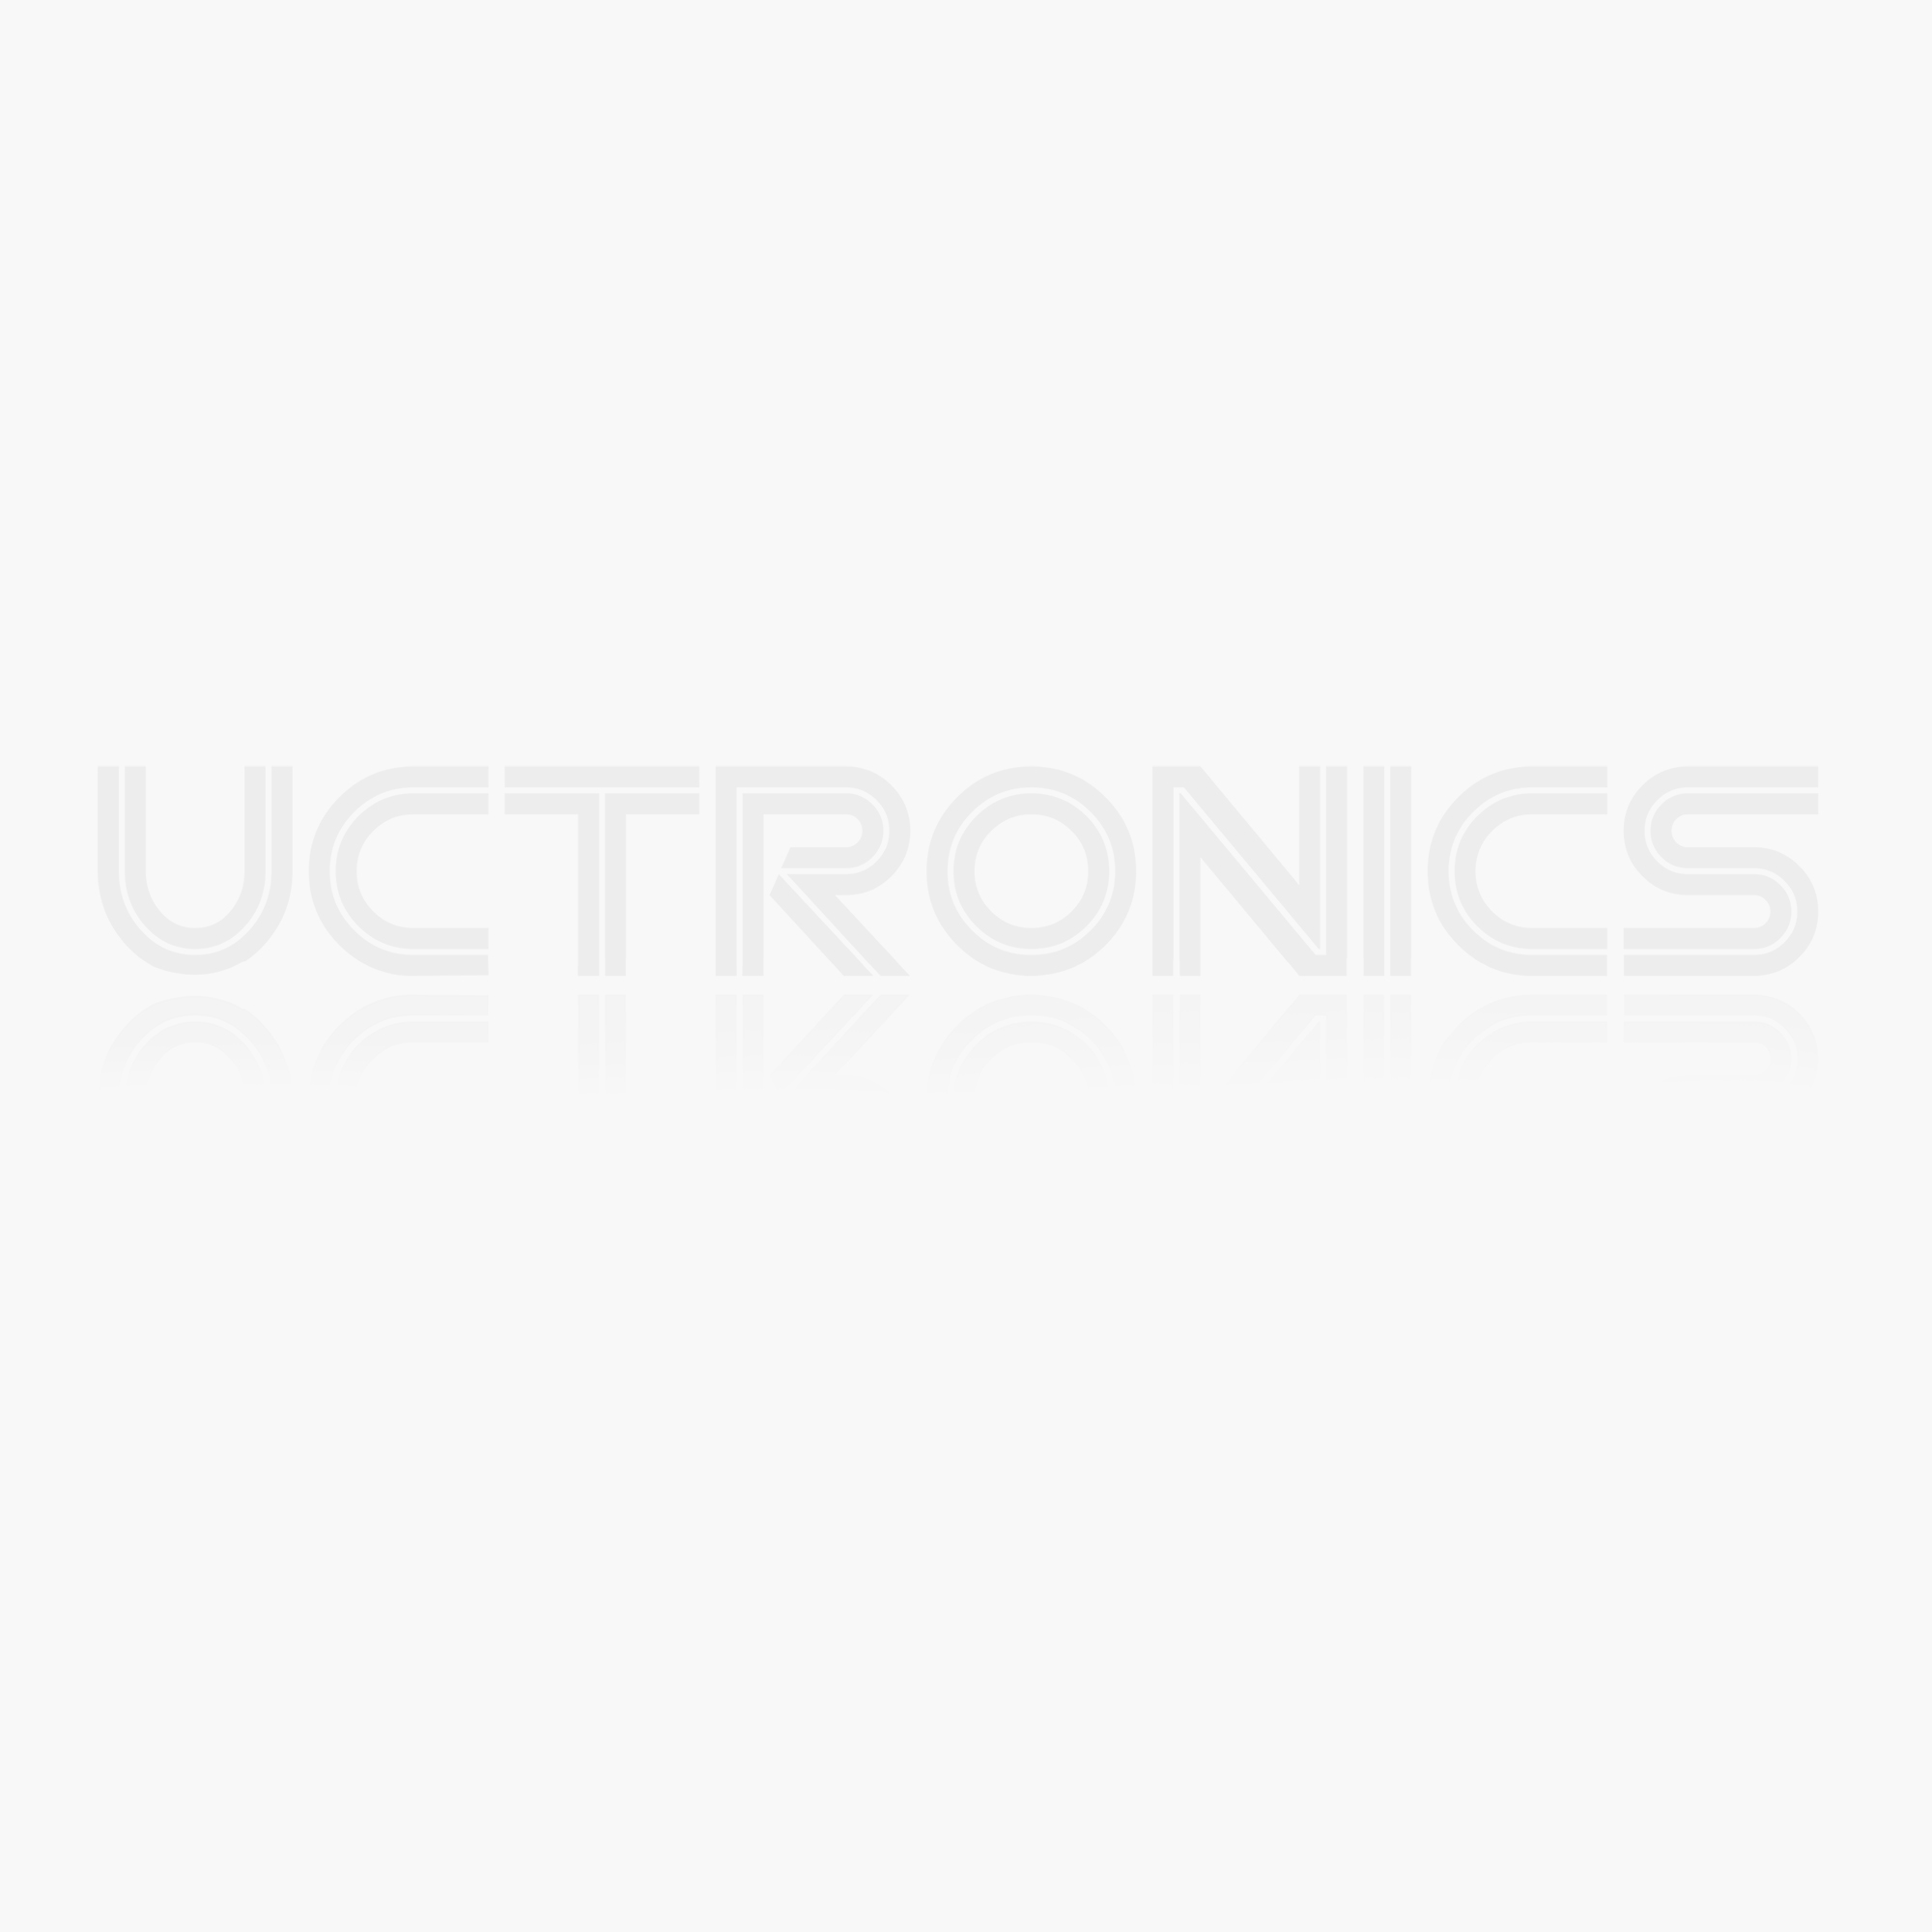 11.1V 12.6V 14.8V 16.8V Li-ion Lithium Battery 18650 Charger Protection Board